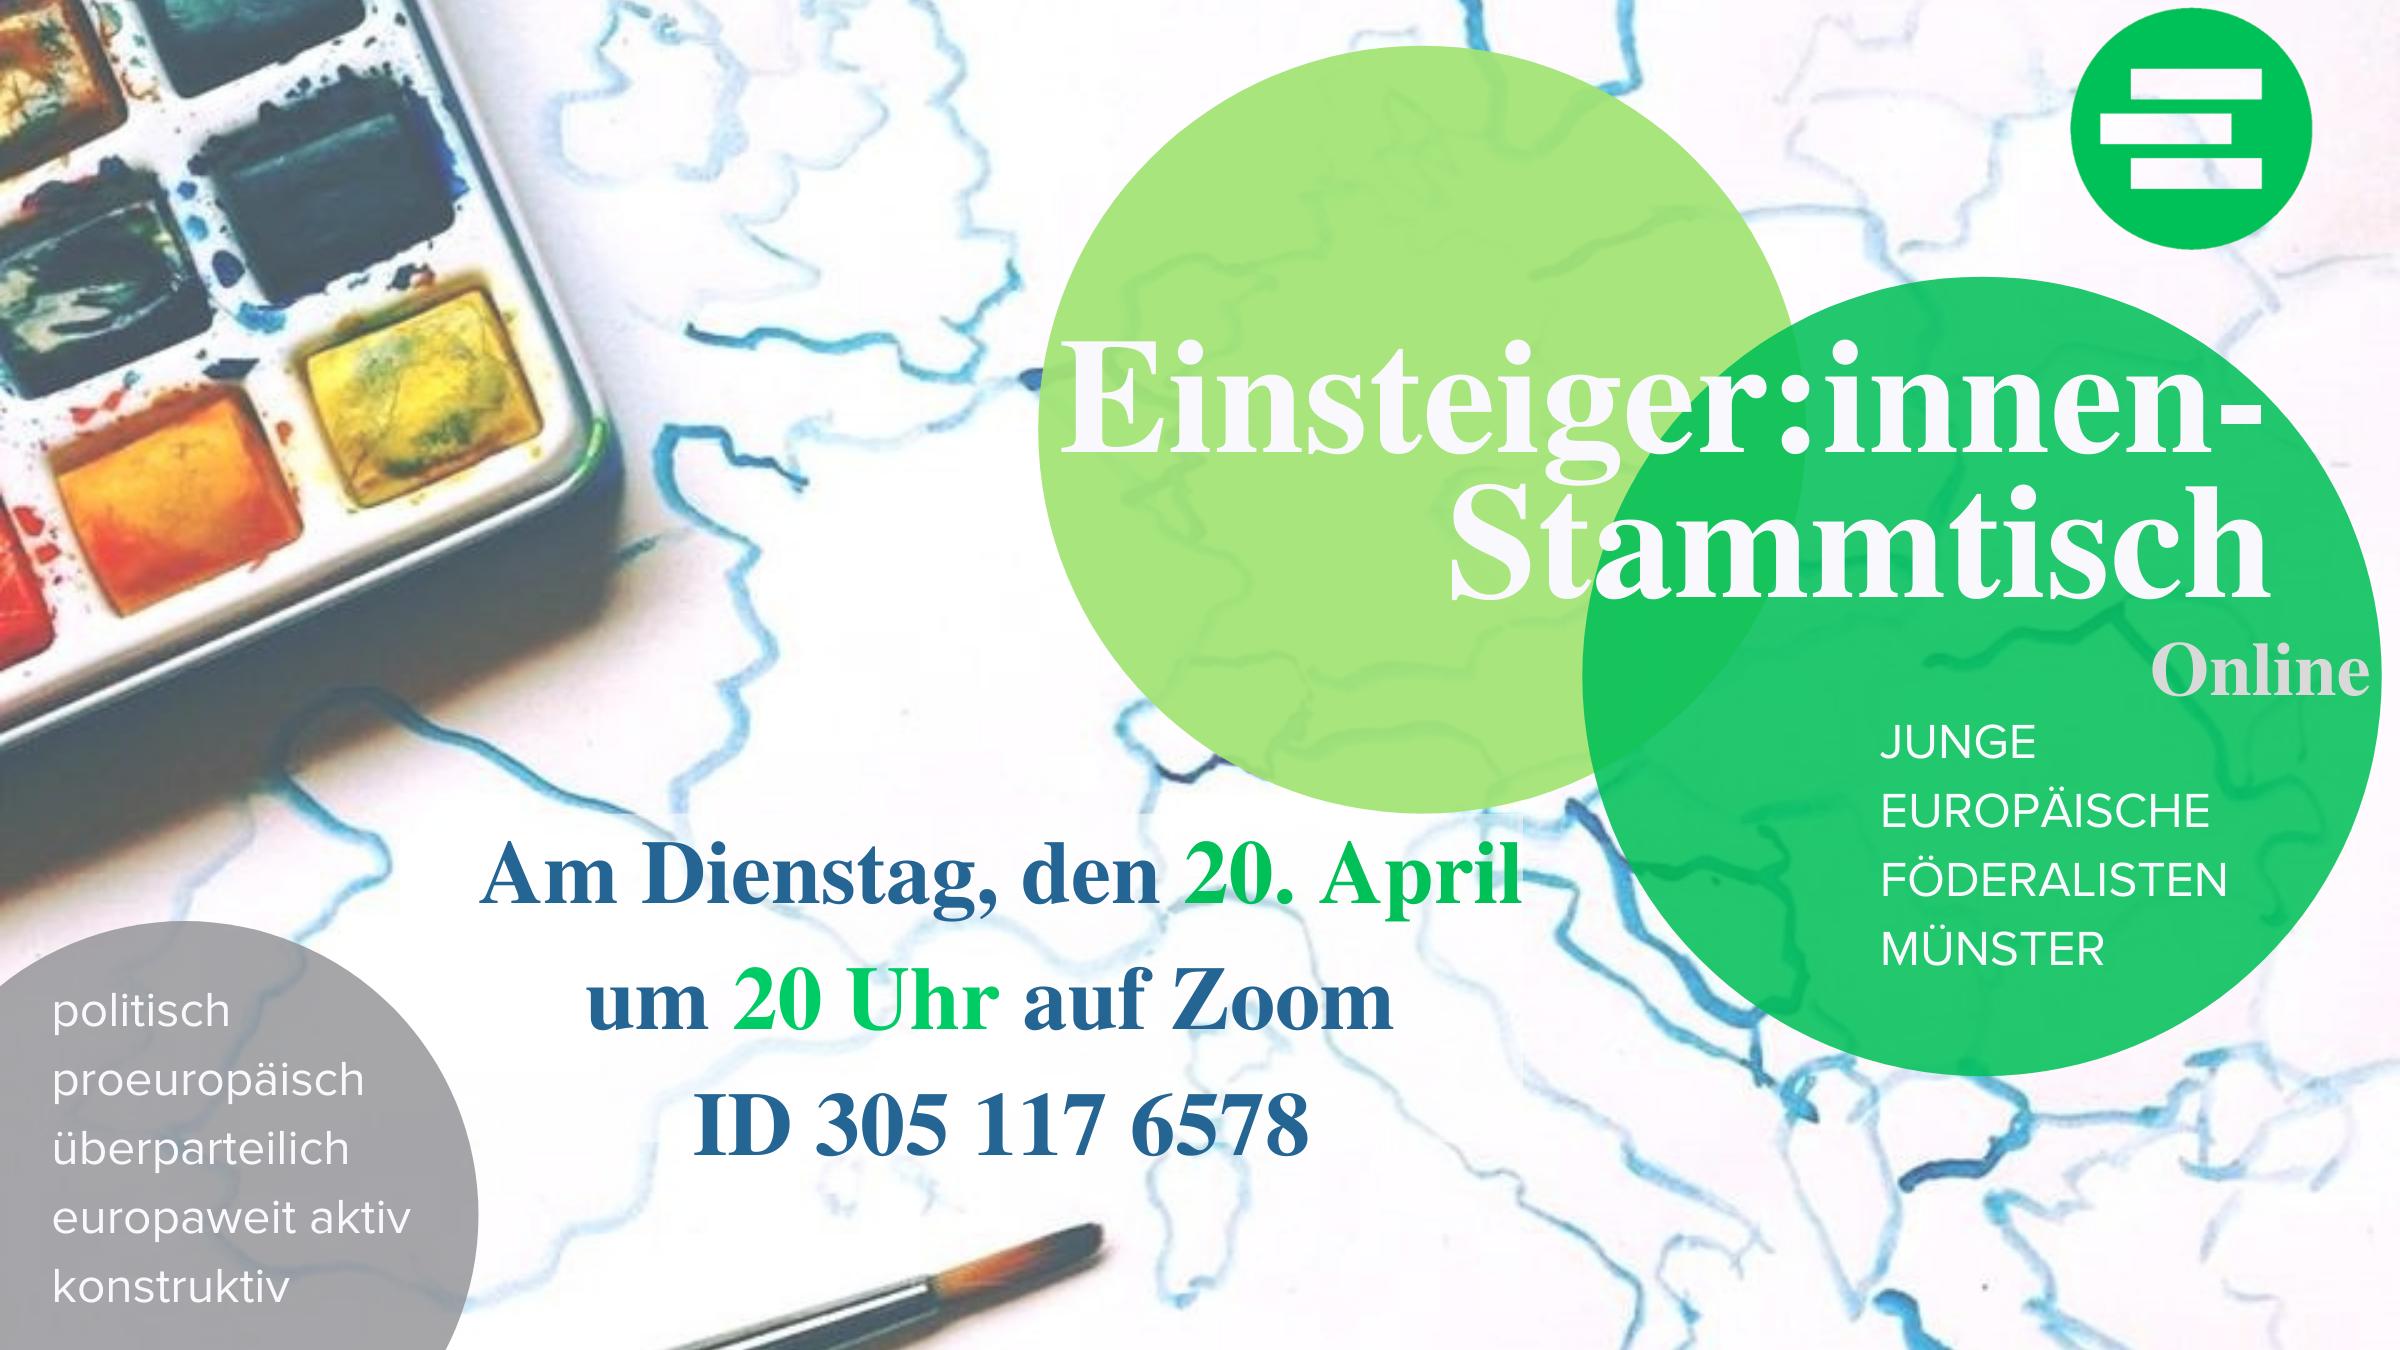 Digitaler Einsteigerstammtisch Münster